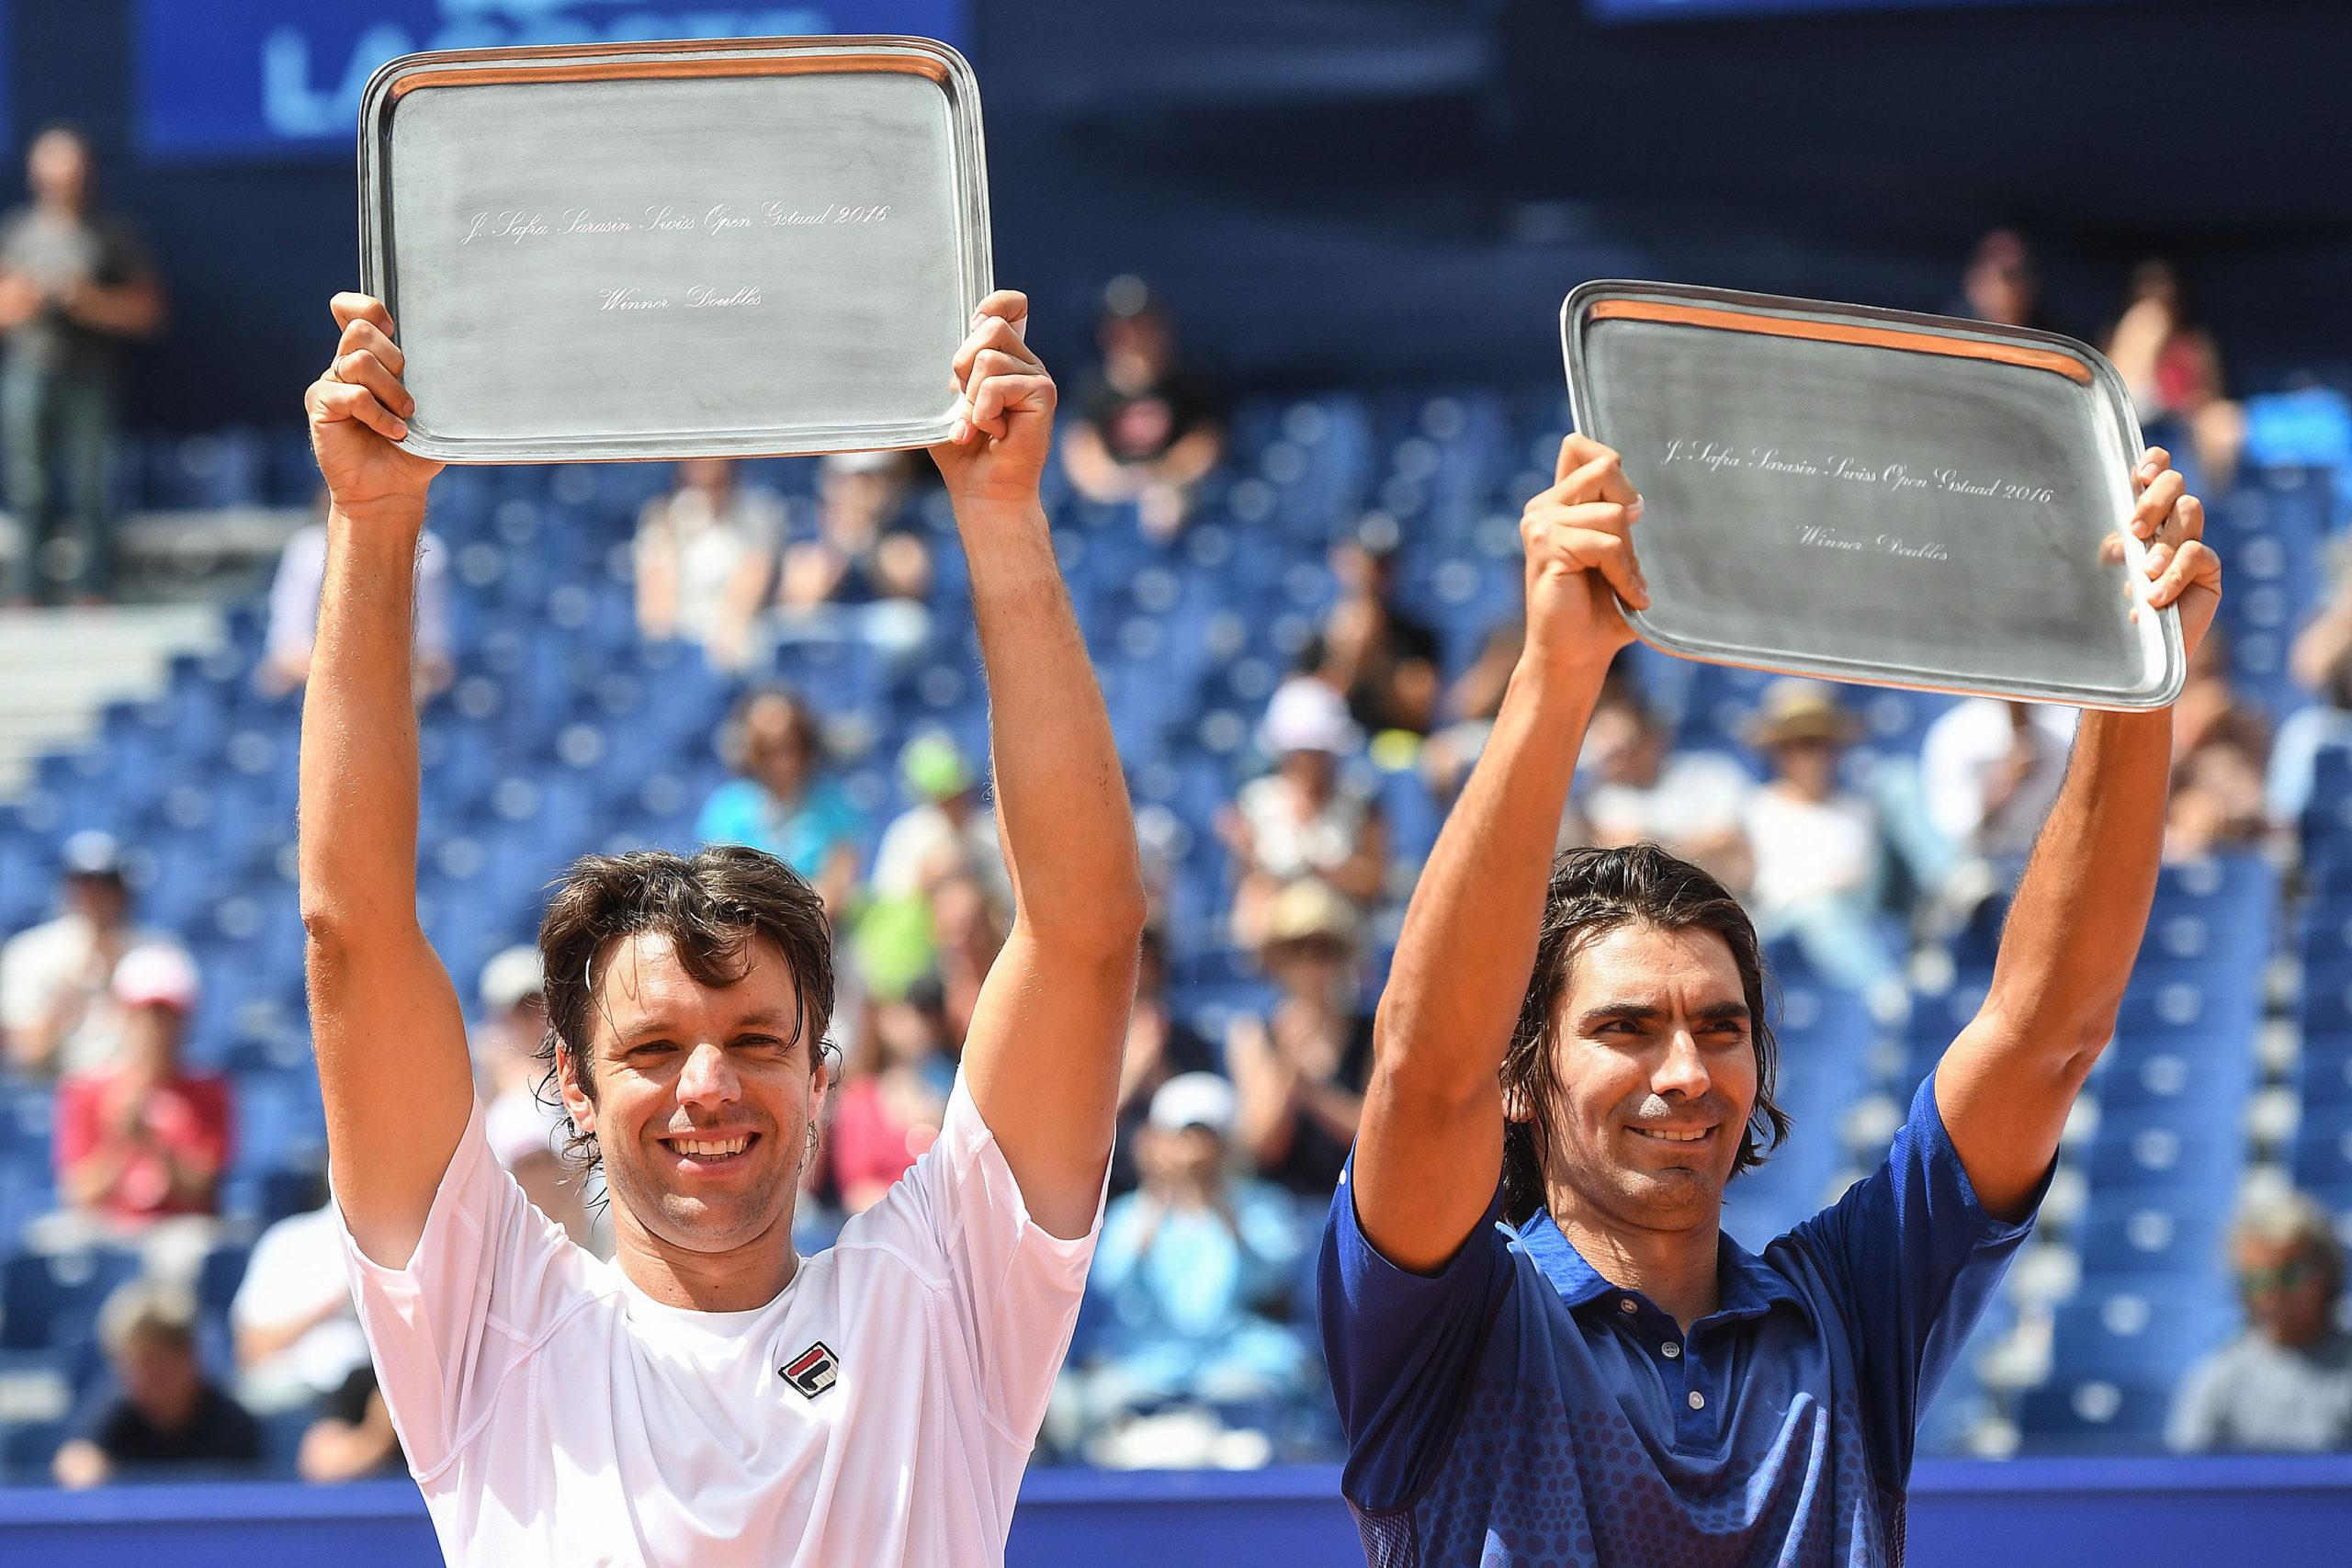 Horacio Zeballos y Julio Peralta con el título ganado en alto. (Foto: Valeriano Di Domenico)